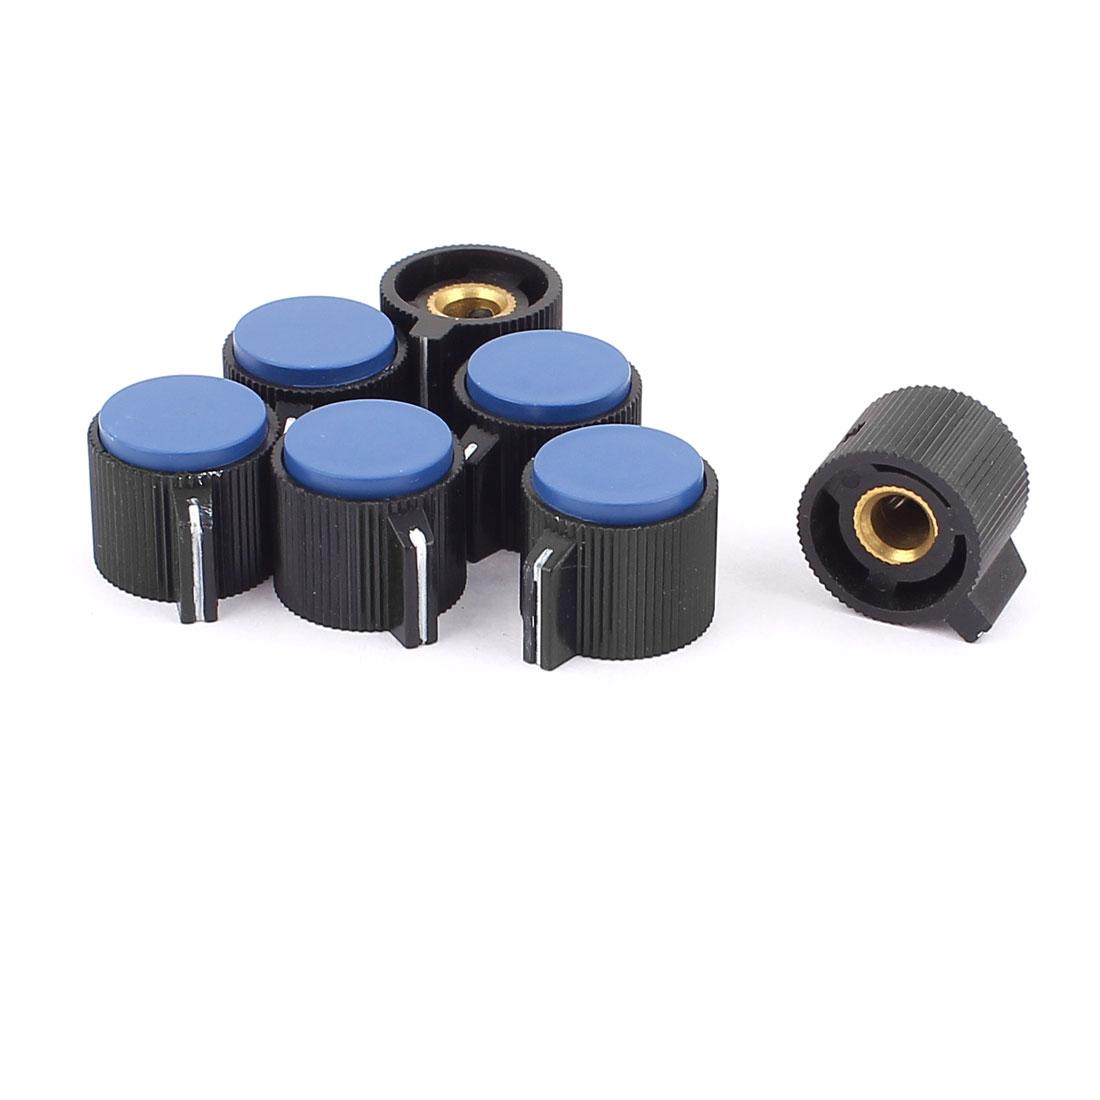 6mm Diameter Plastic Potentiometer Volume Control Knob Cover Cap 7Pcs